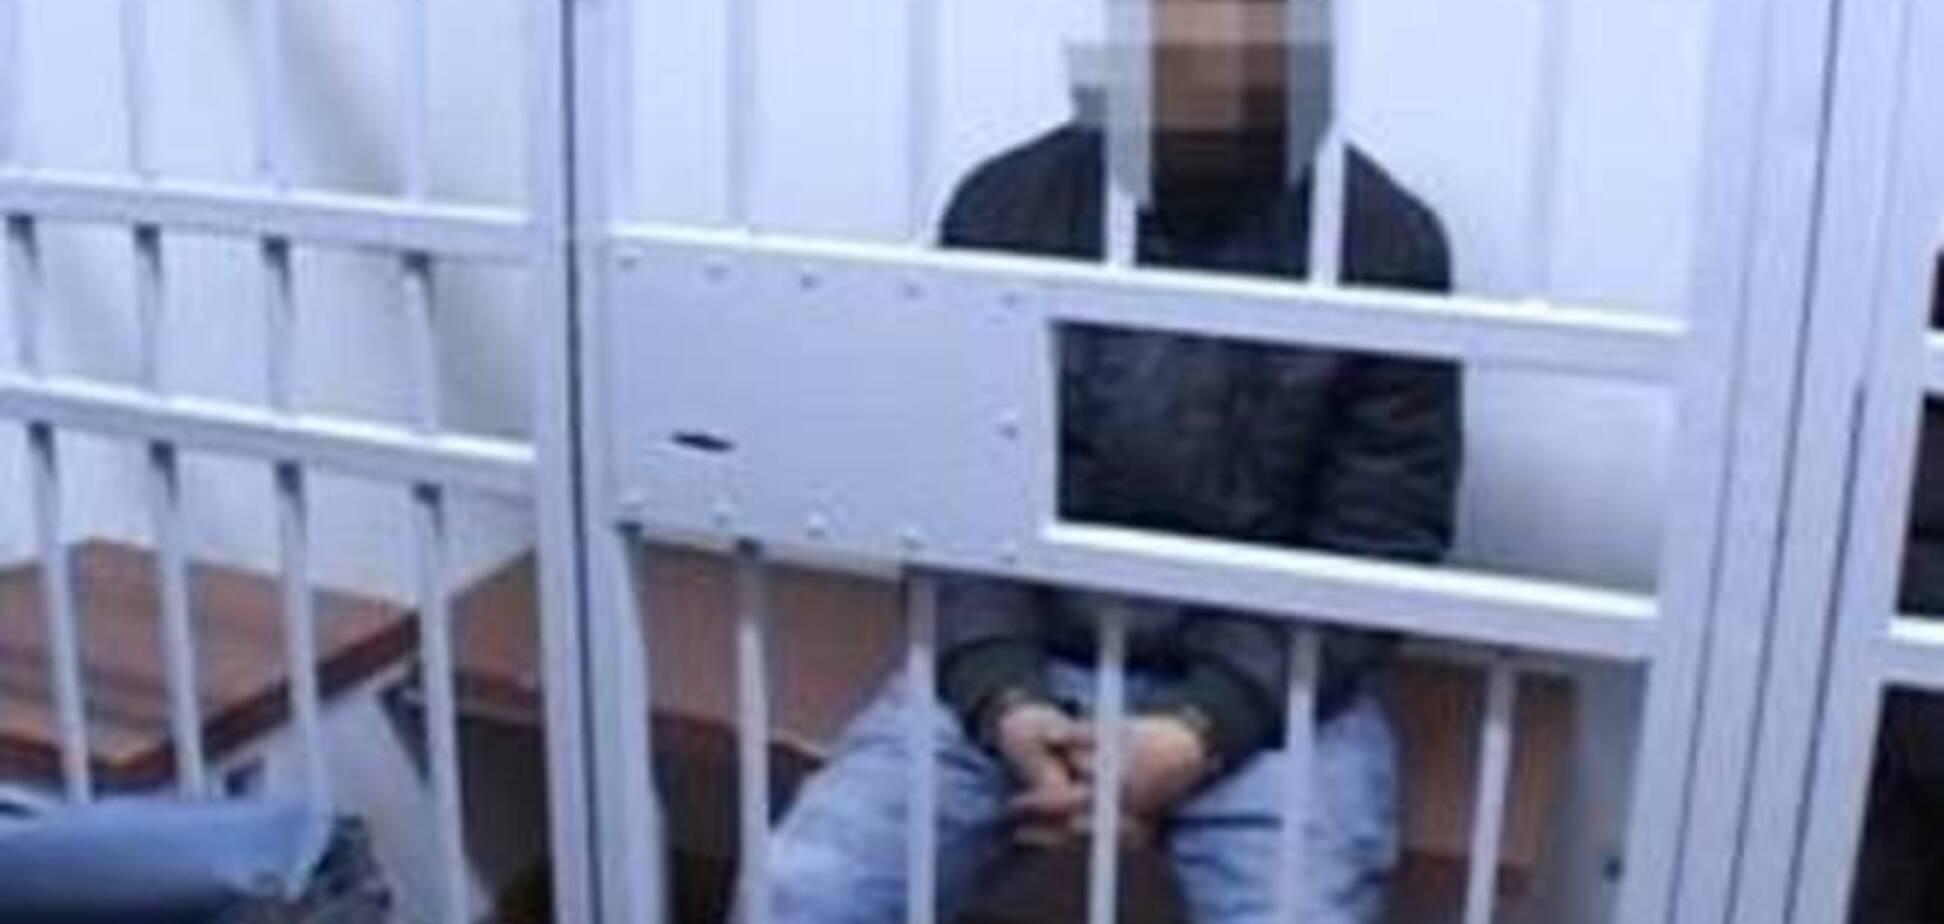 СБУ задержала на Днепропетровщине 'полицая ДНР' с гранатой: видеофакт